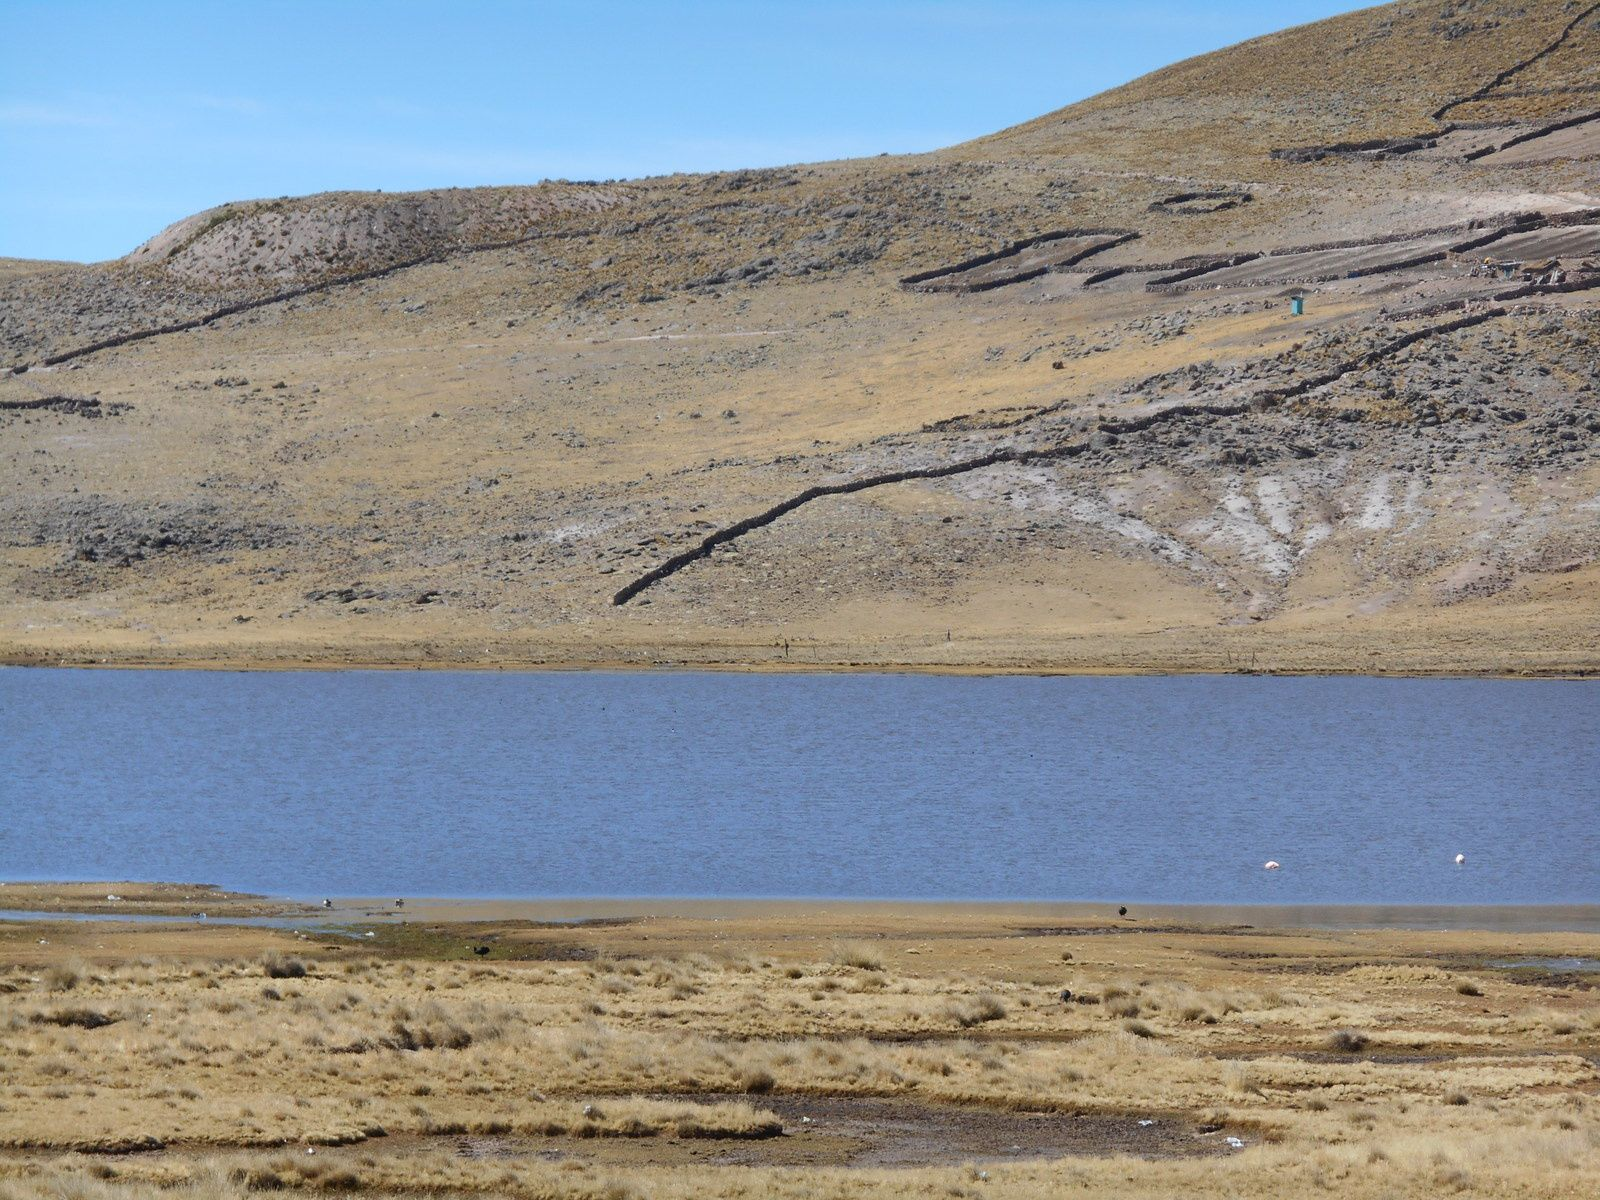 Puis arrivée aux lagunas Lagunillas et Saracocha...